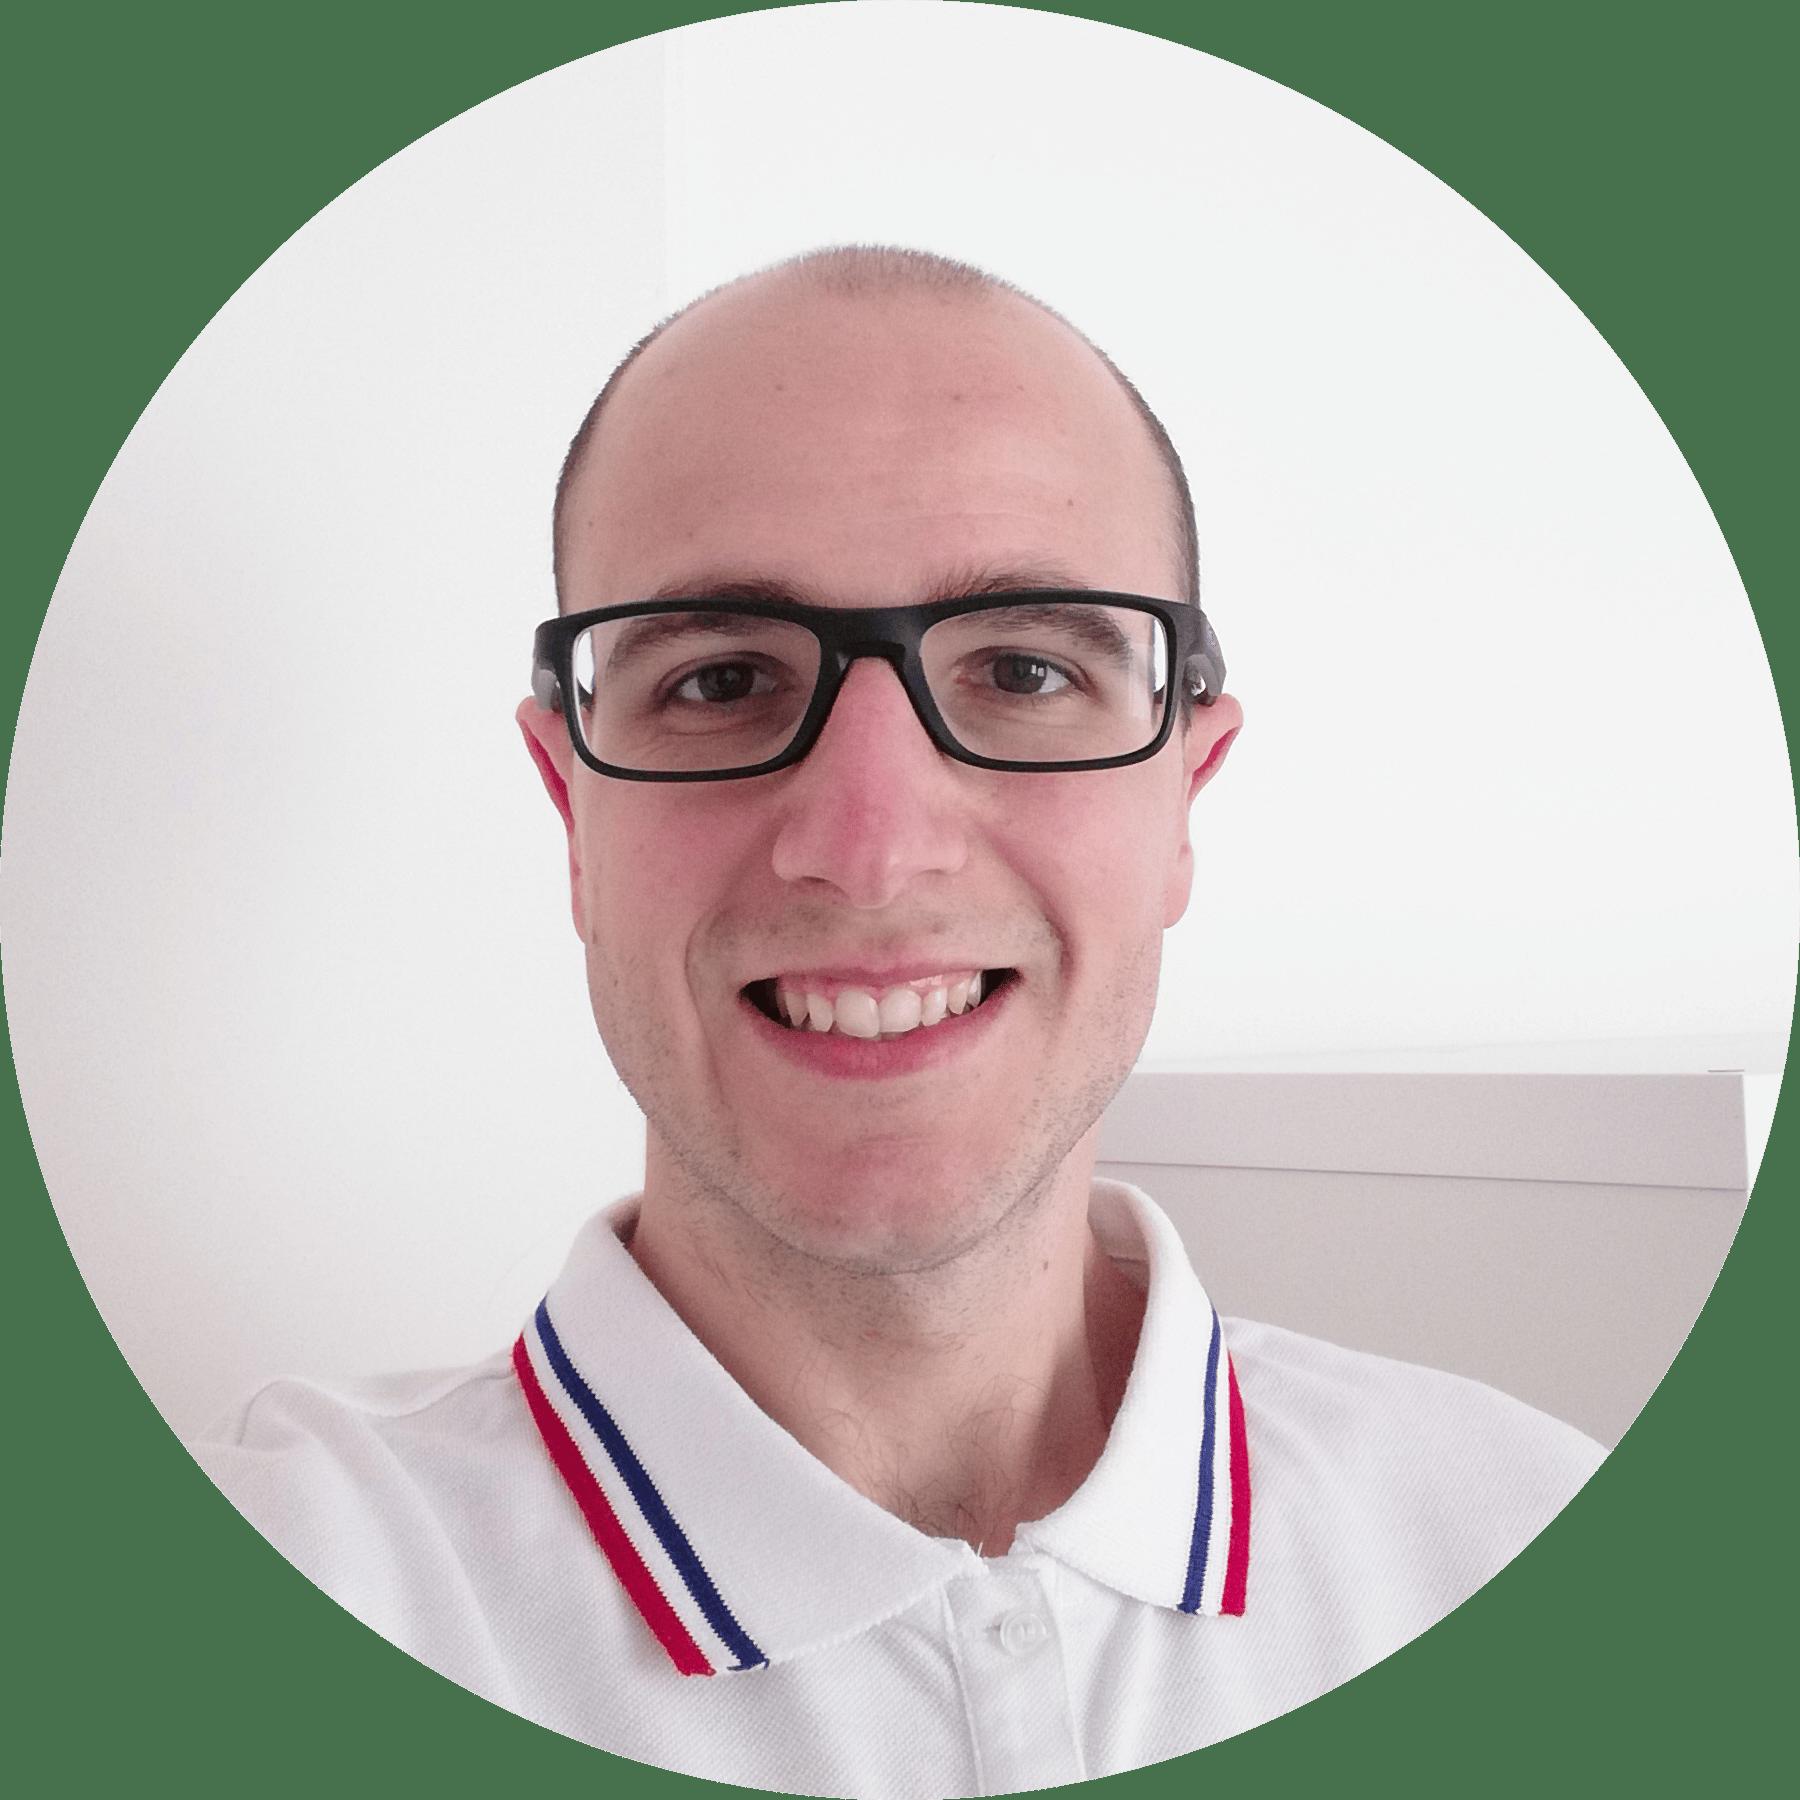 David Fanin, fondateur de C'est bien la France ! sur Prends en Soin